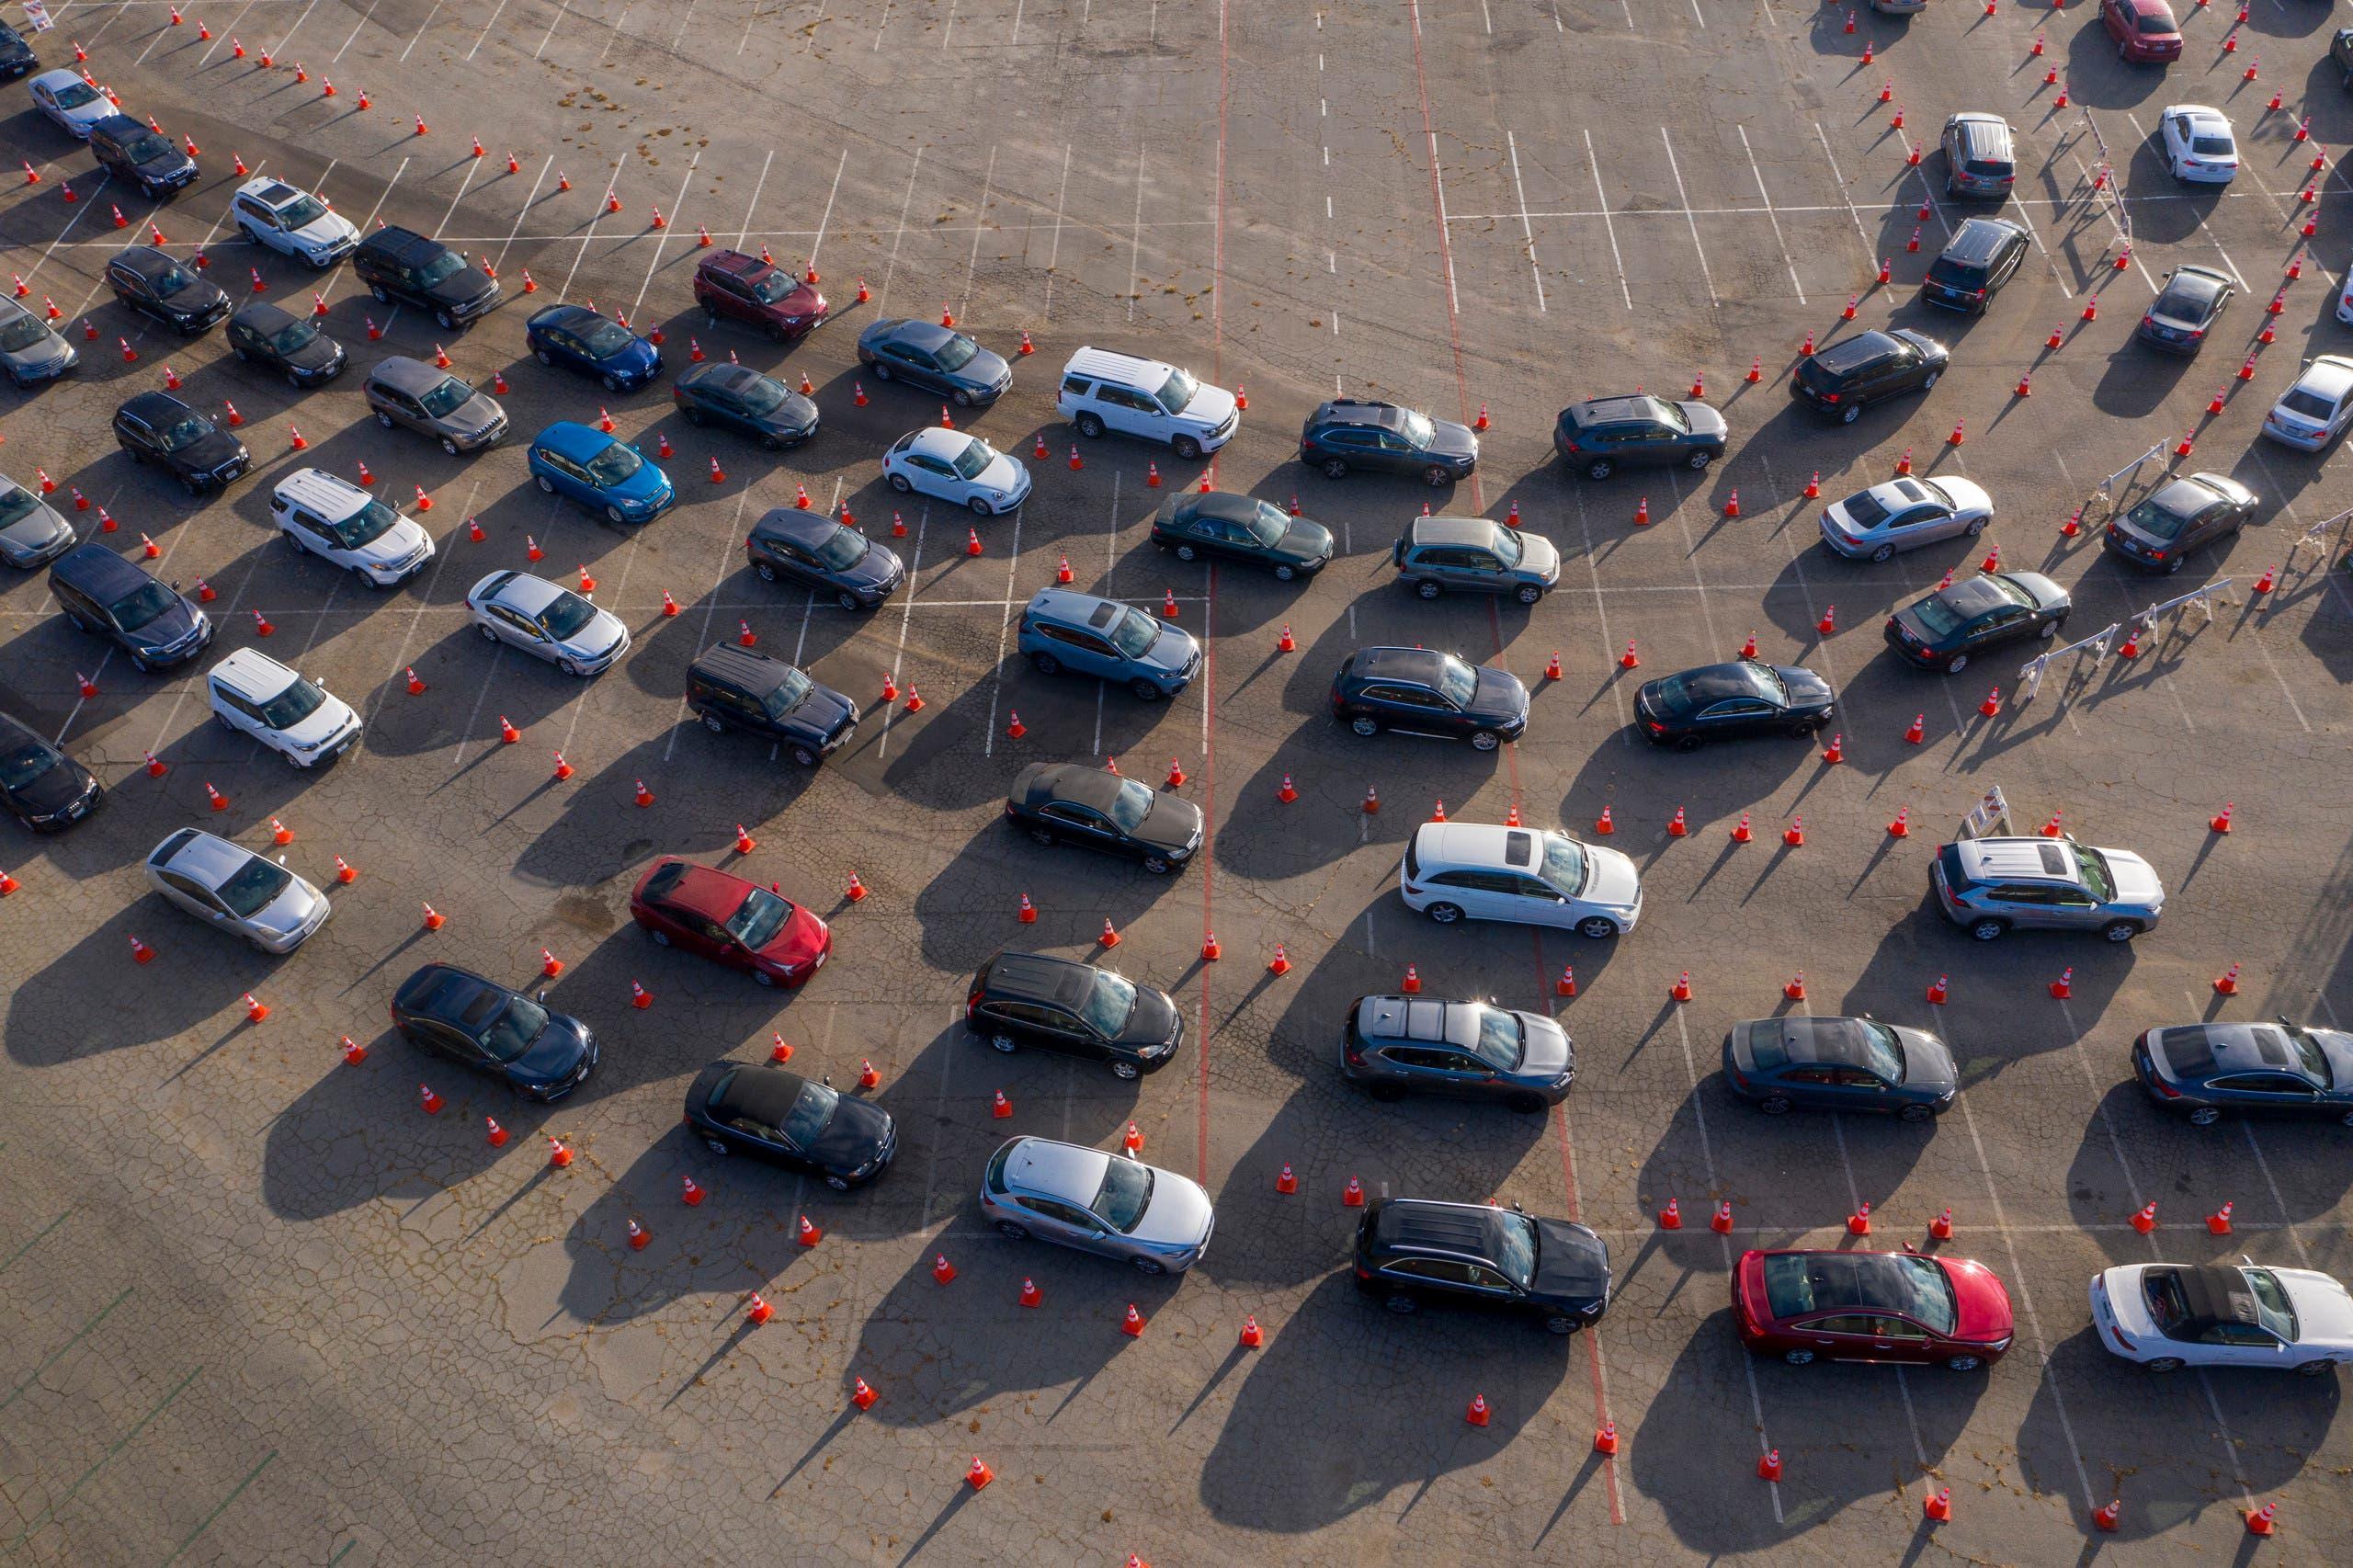 سيارات تنتظر أمام مركز للفحص في لوس انجلوس